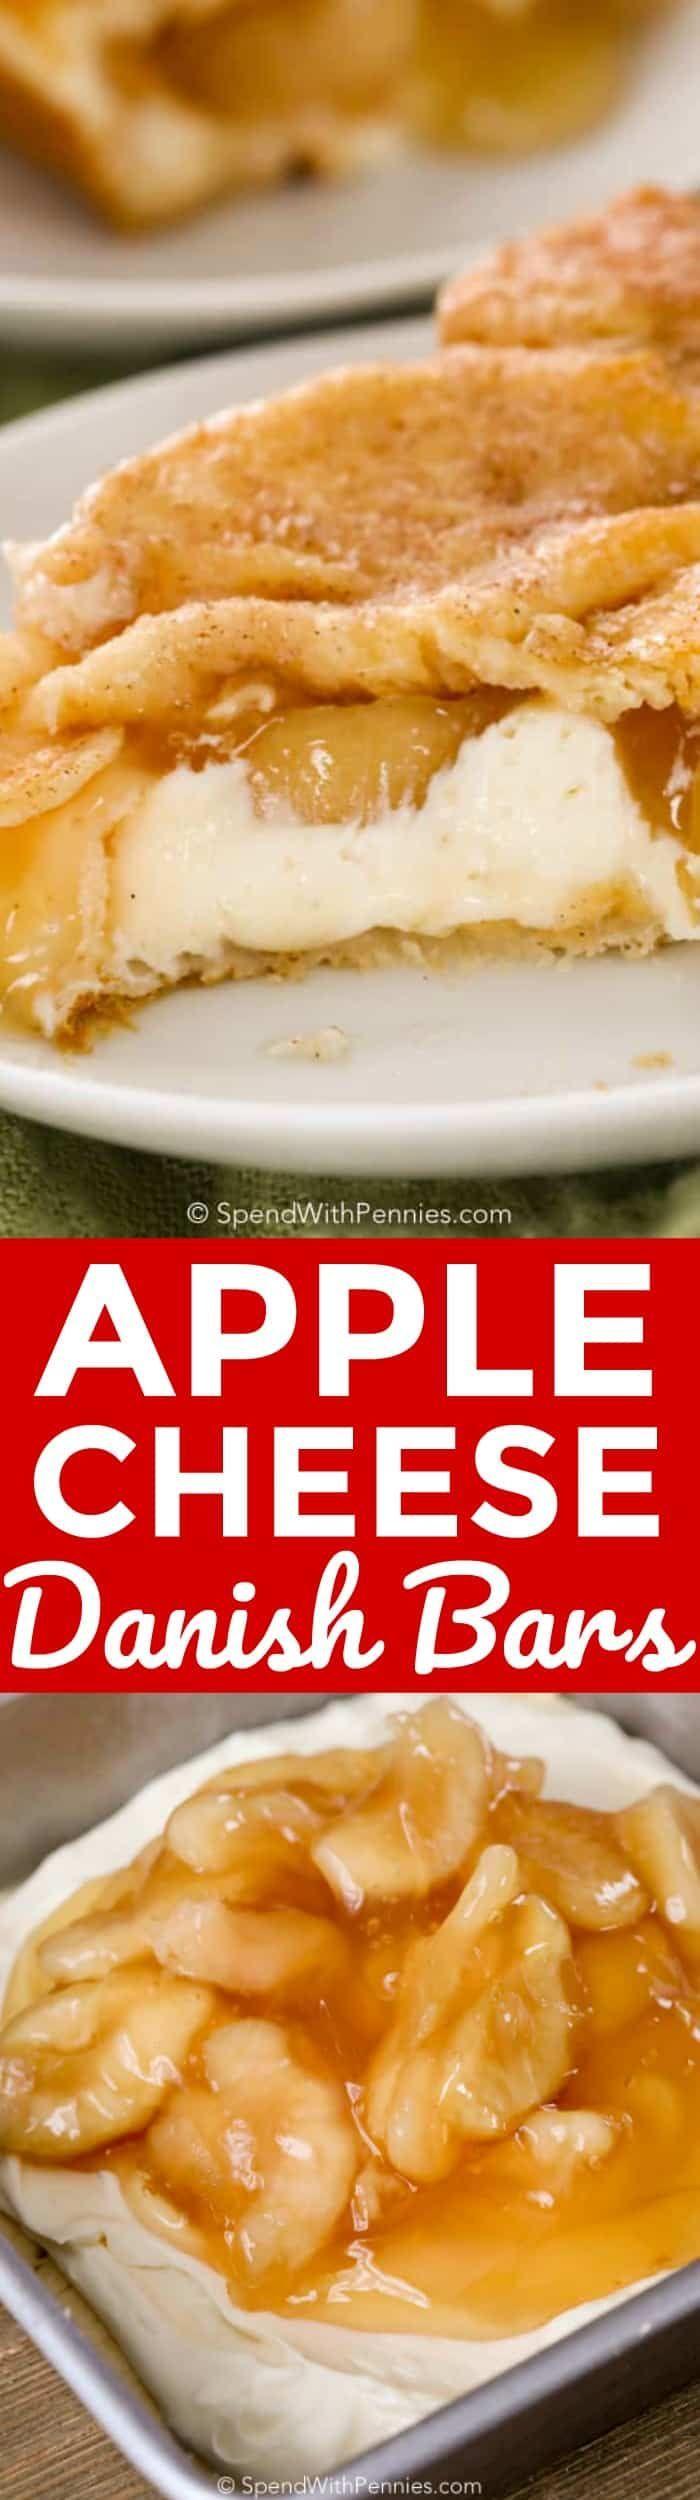 Apple Cheese Danish Bars